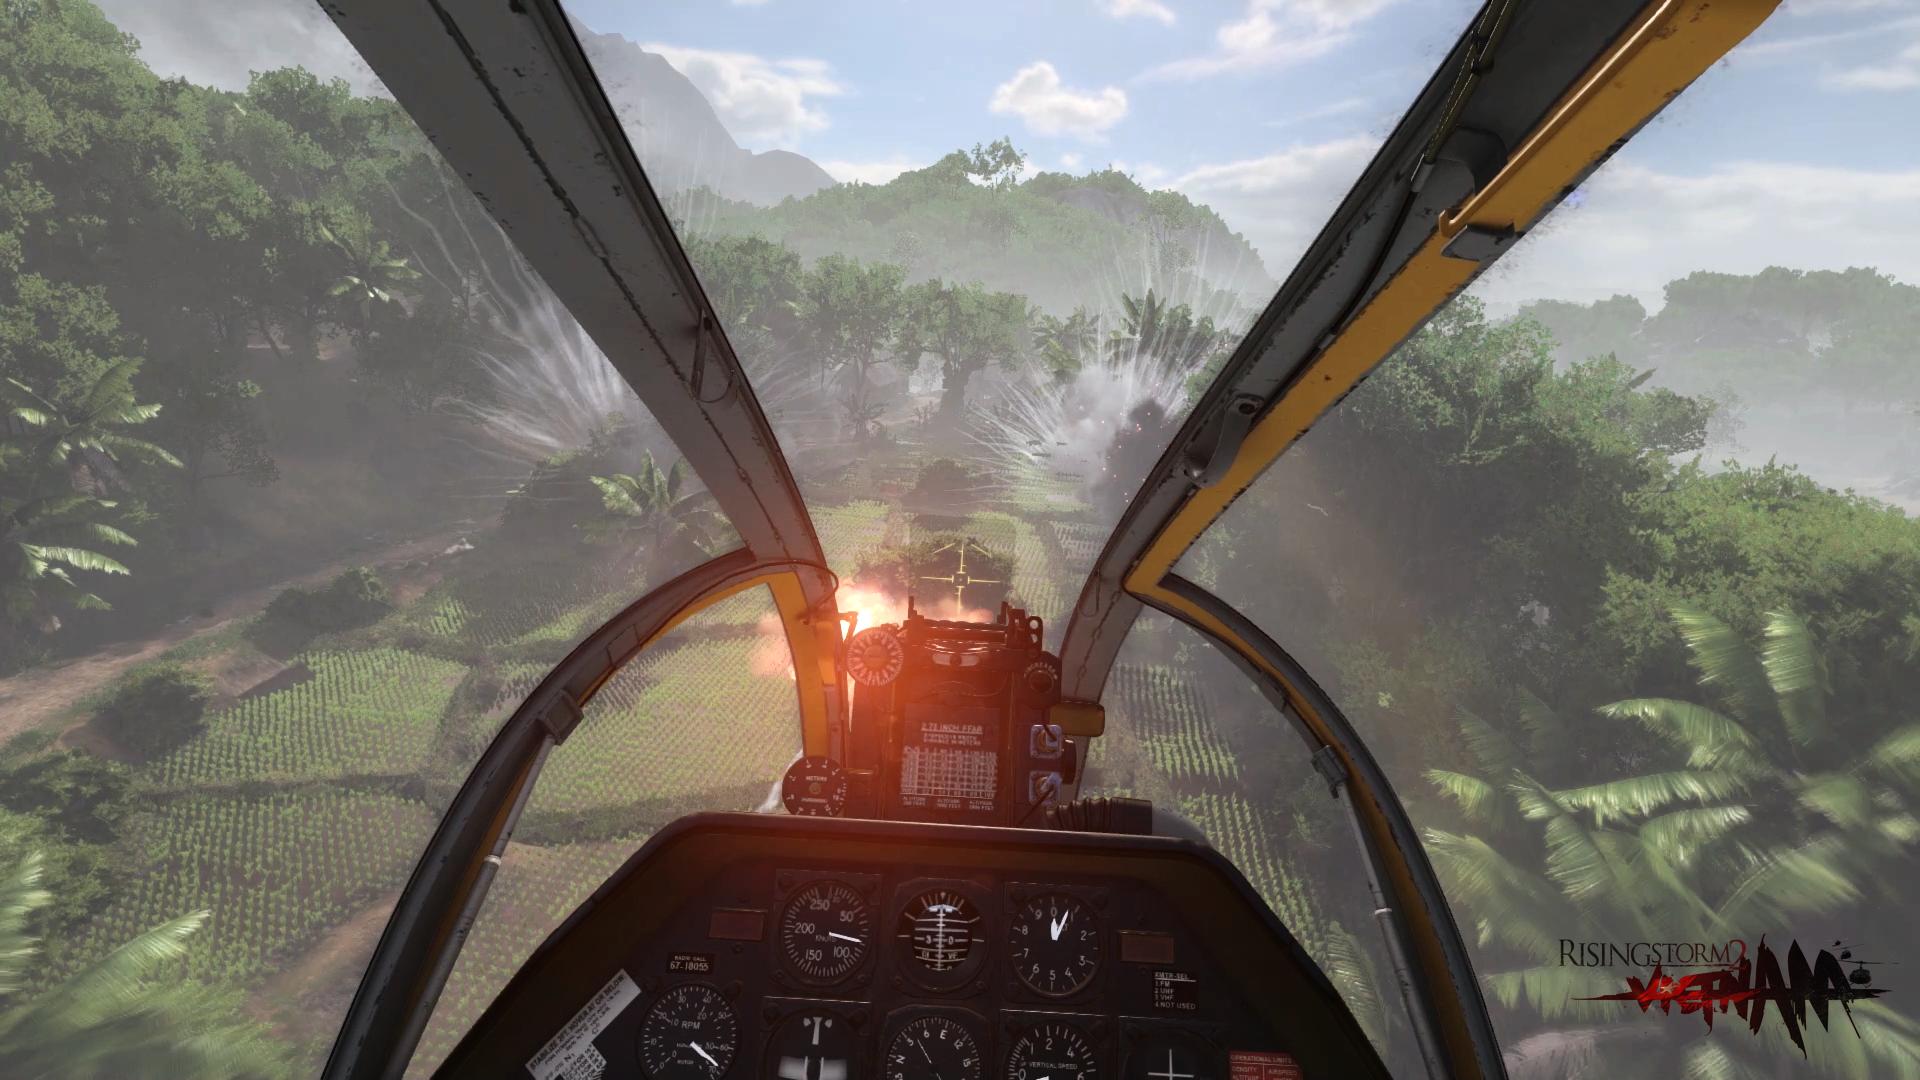 Rising Storm 2: Vietnam nabídne ovladatelné vrtulníky 129882